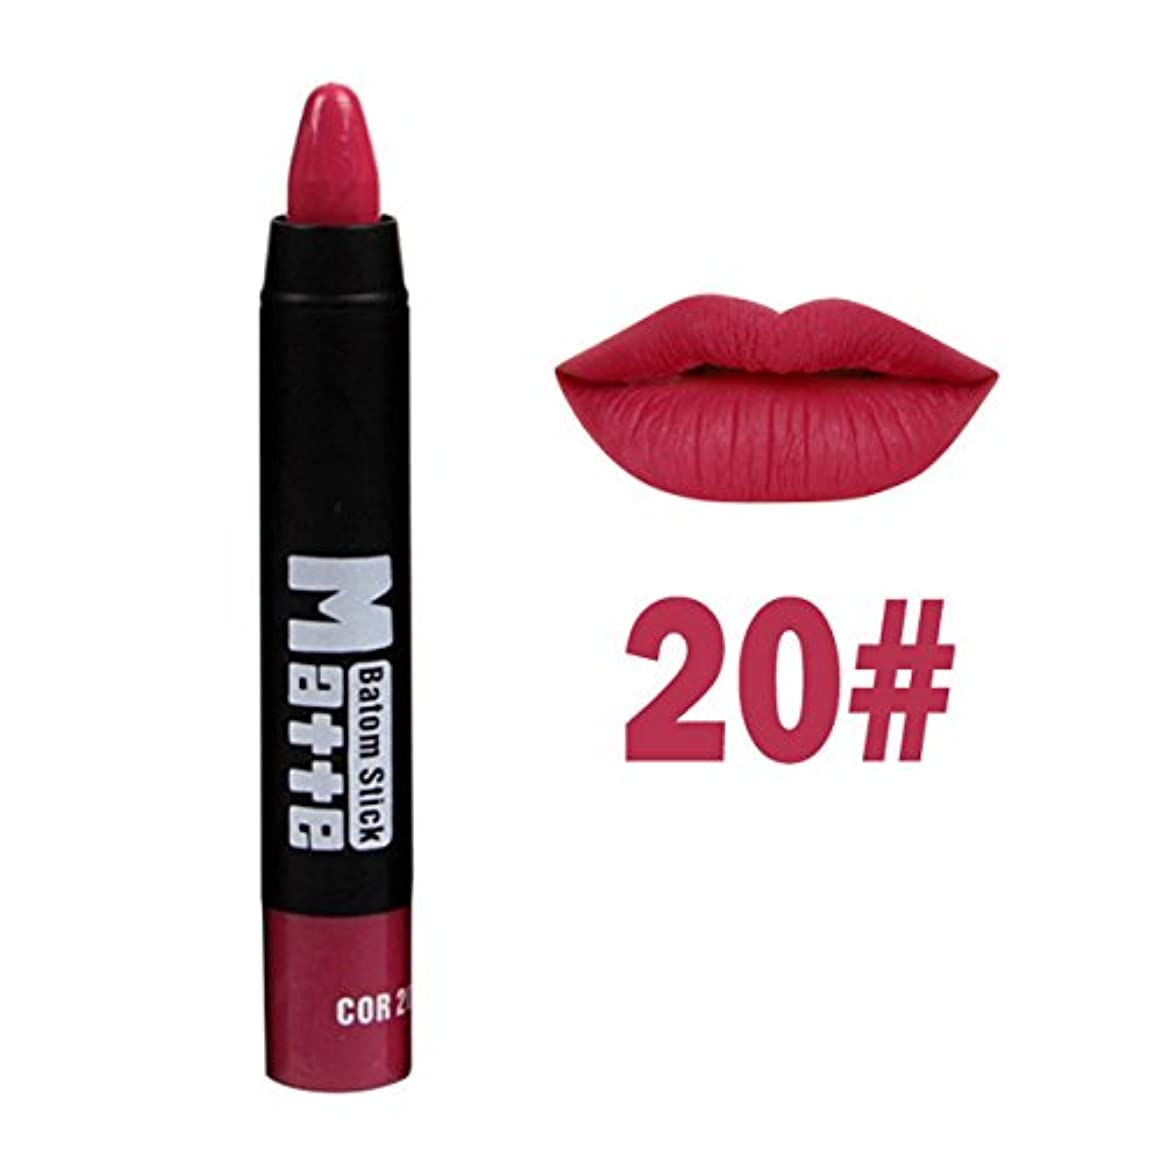 等々ベンチファイバ口紅ペン BOBOGOJP マットベルベット リップライナー リップスティックペン 多色選択 Lipstick リップグロス リップライナースティックペンシル 長続き 防水 リプリナー 唇用口紅筆メイク道具 おすすめ (E)